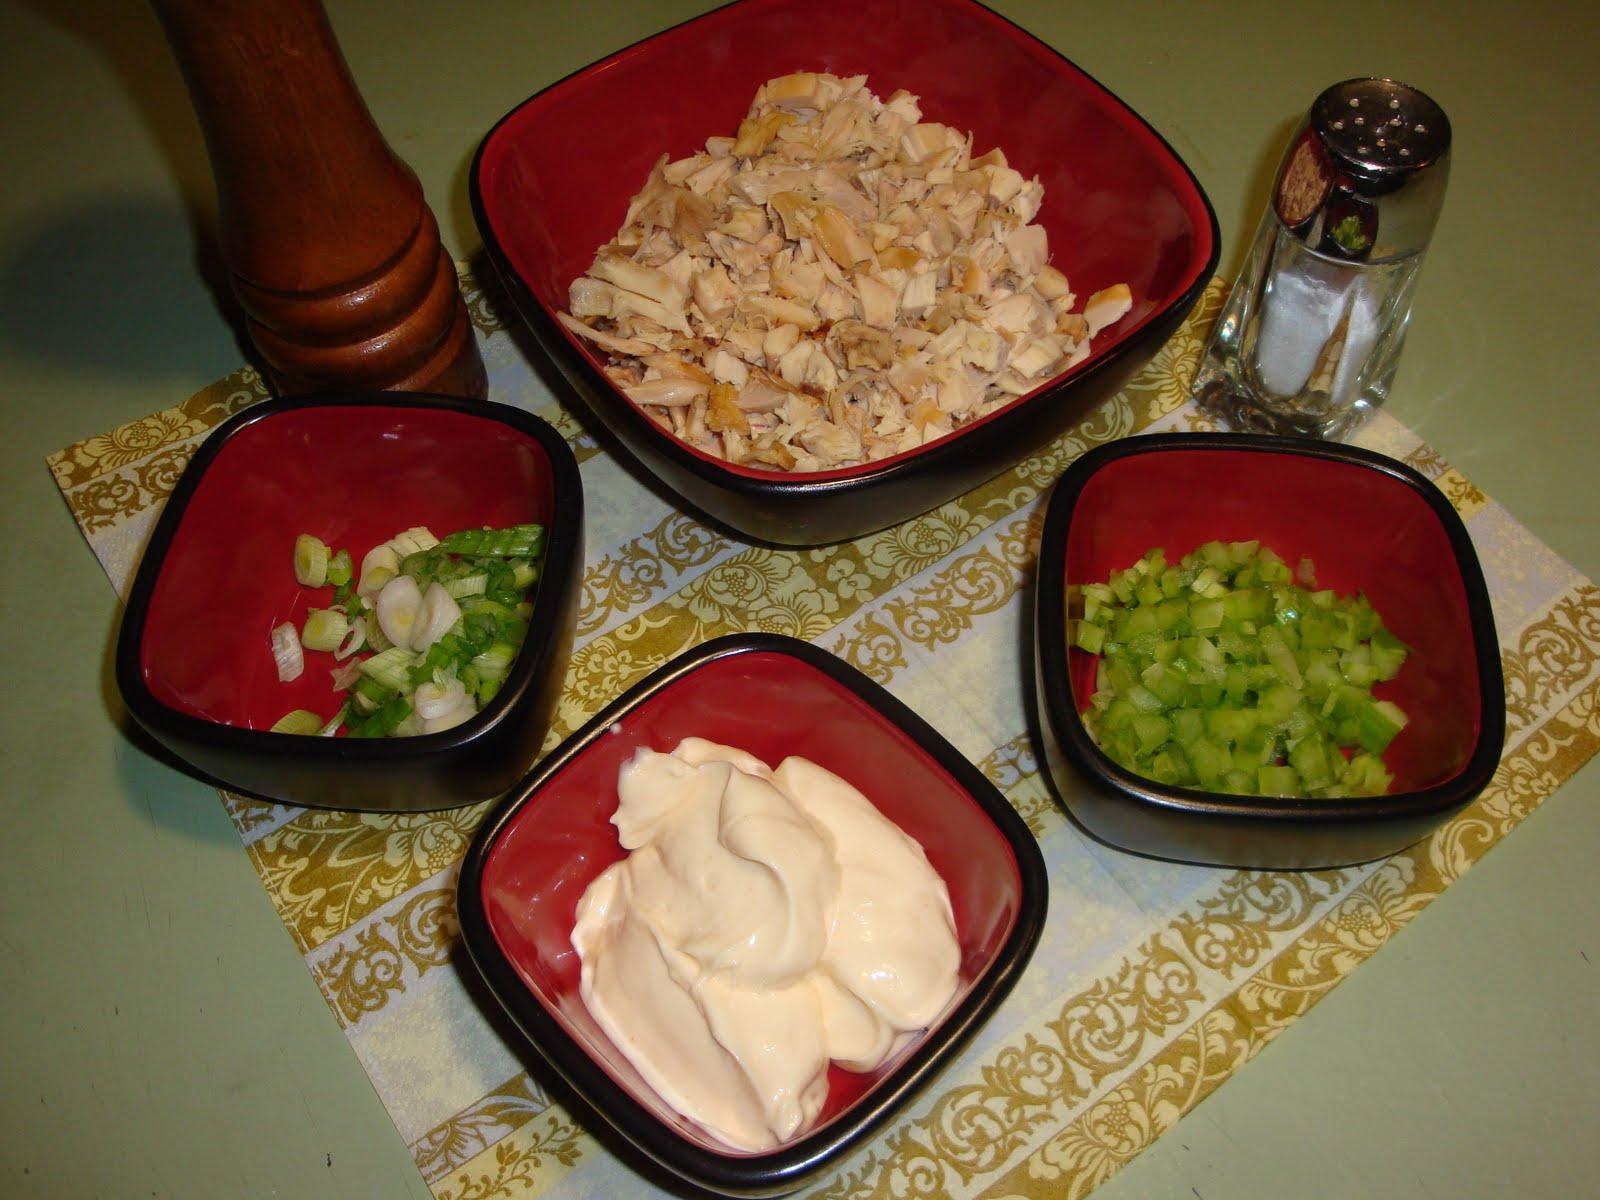 Le dentellier cuisinier croissant la salade de poulet for Cuisinier 2010